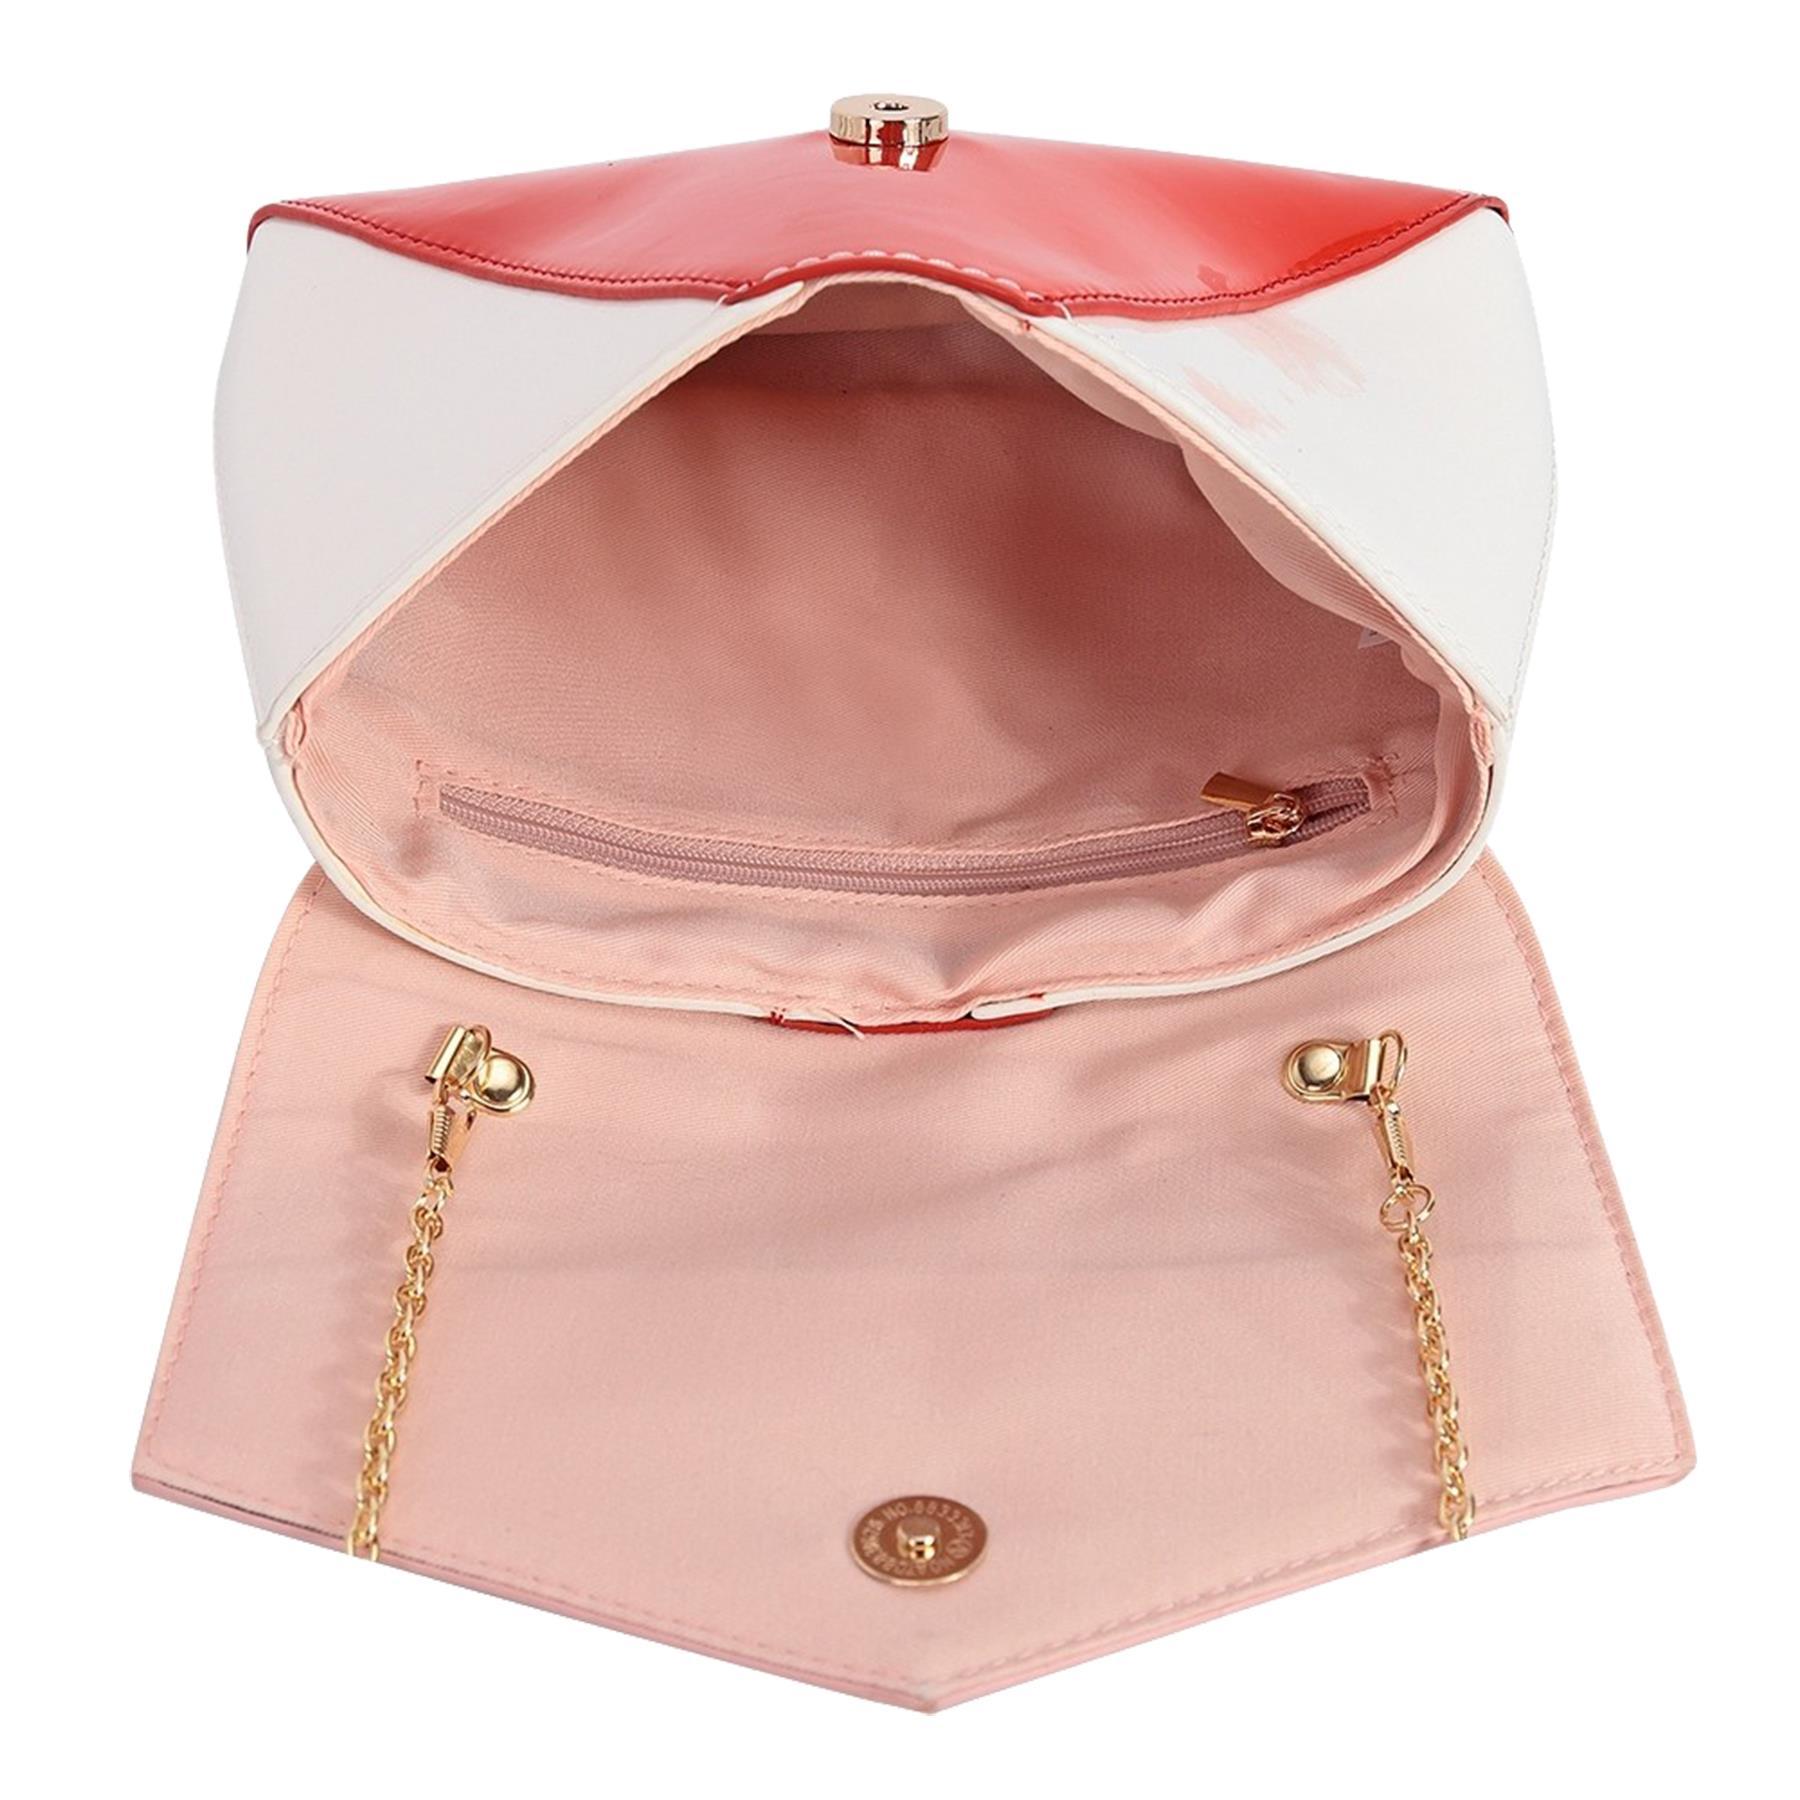 New-Women-s-Faux-Leather-Patent-Multicolour-Envelope-Clutch-Bag-Purse thumbnail 7